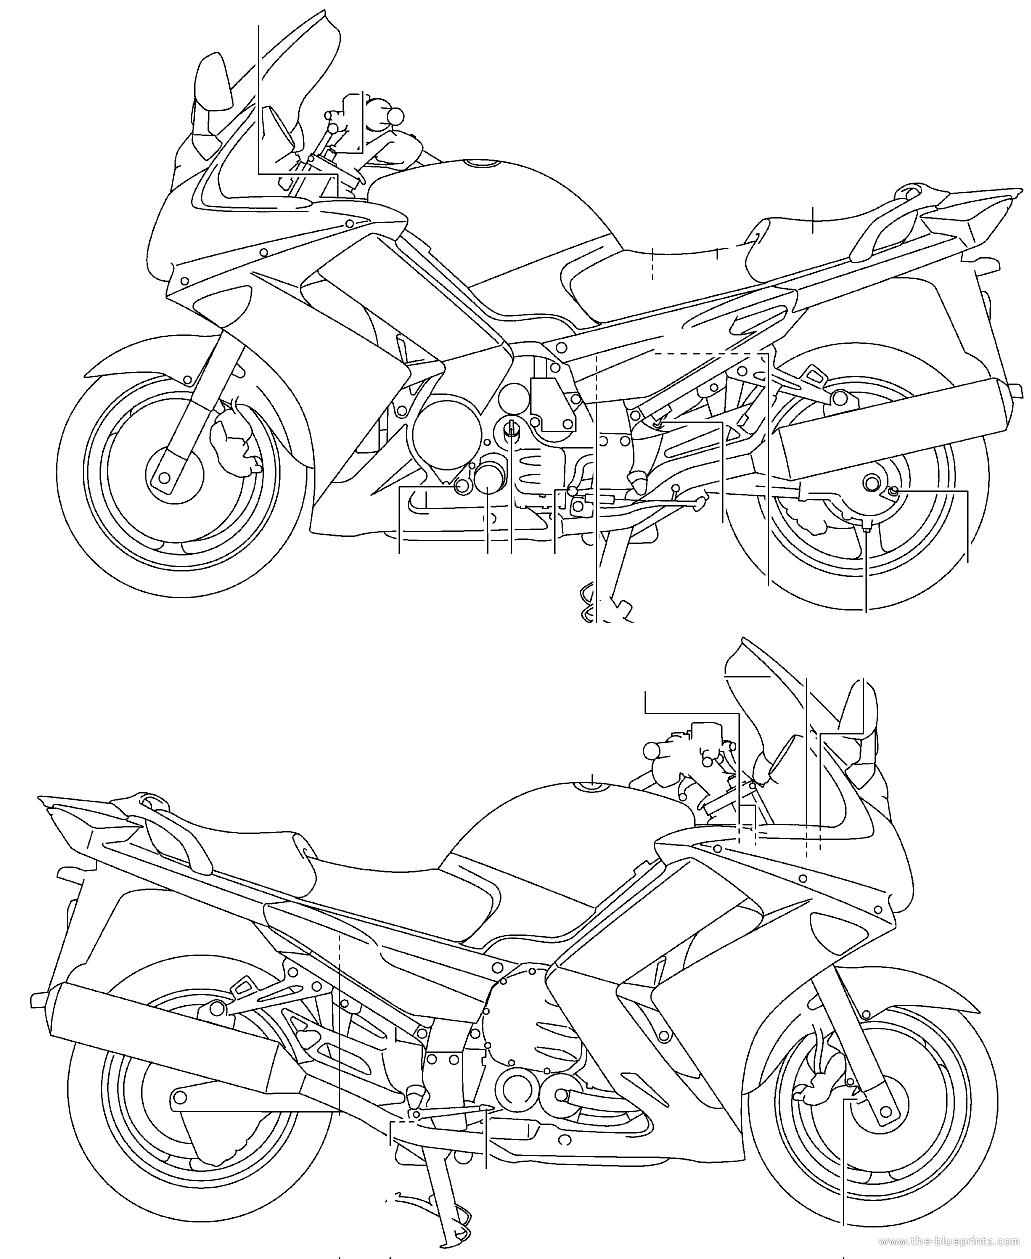 Blueprints Gt Motorcycles Gt Yamaha Gt Yamaha Fjr As